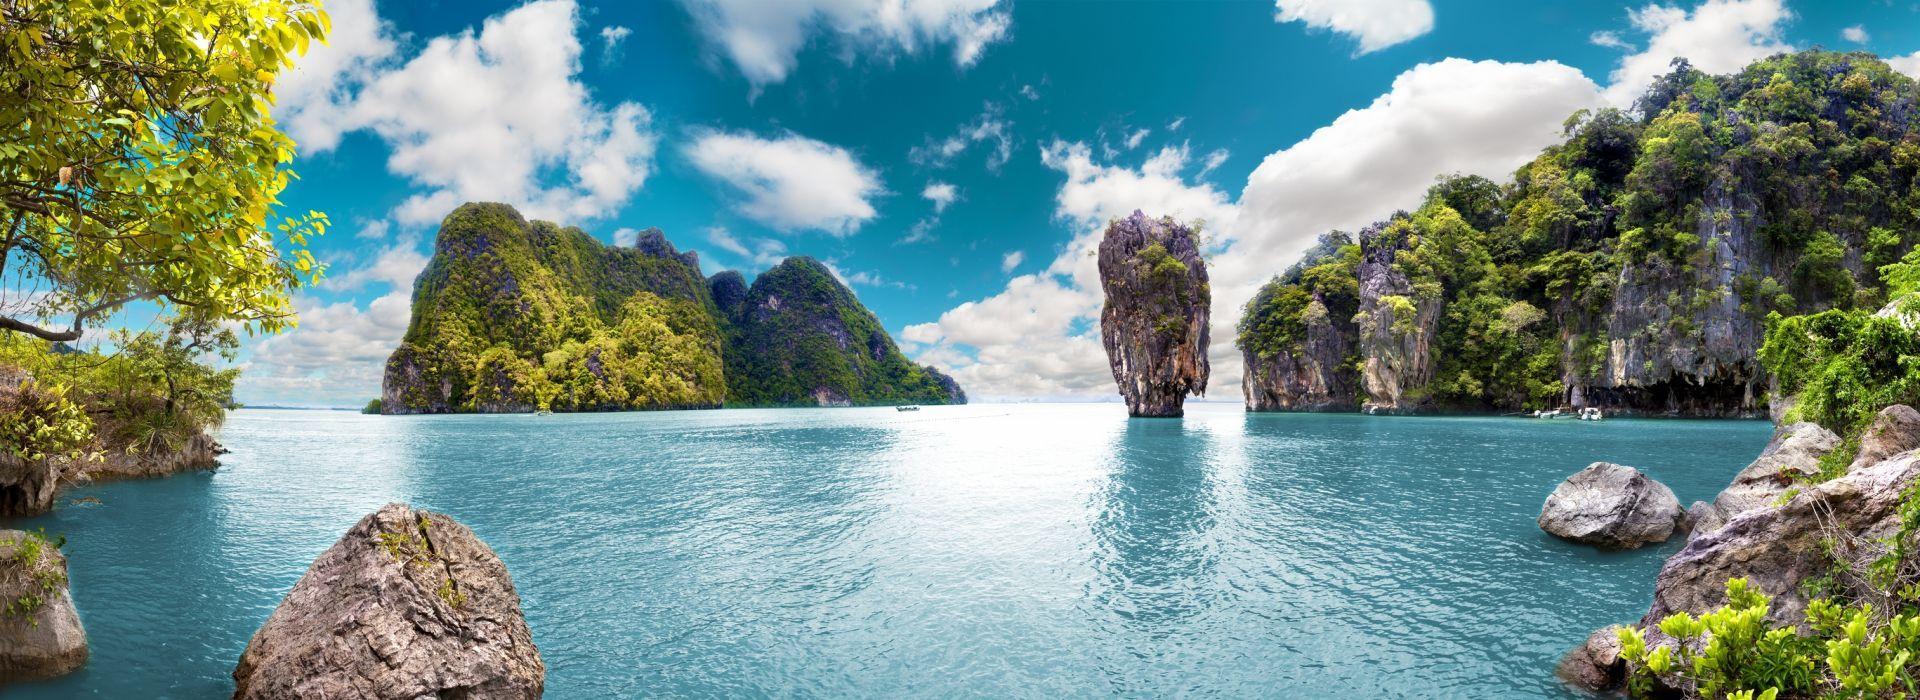 Kayaking and canoeing Tours in Krabi